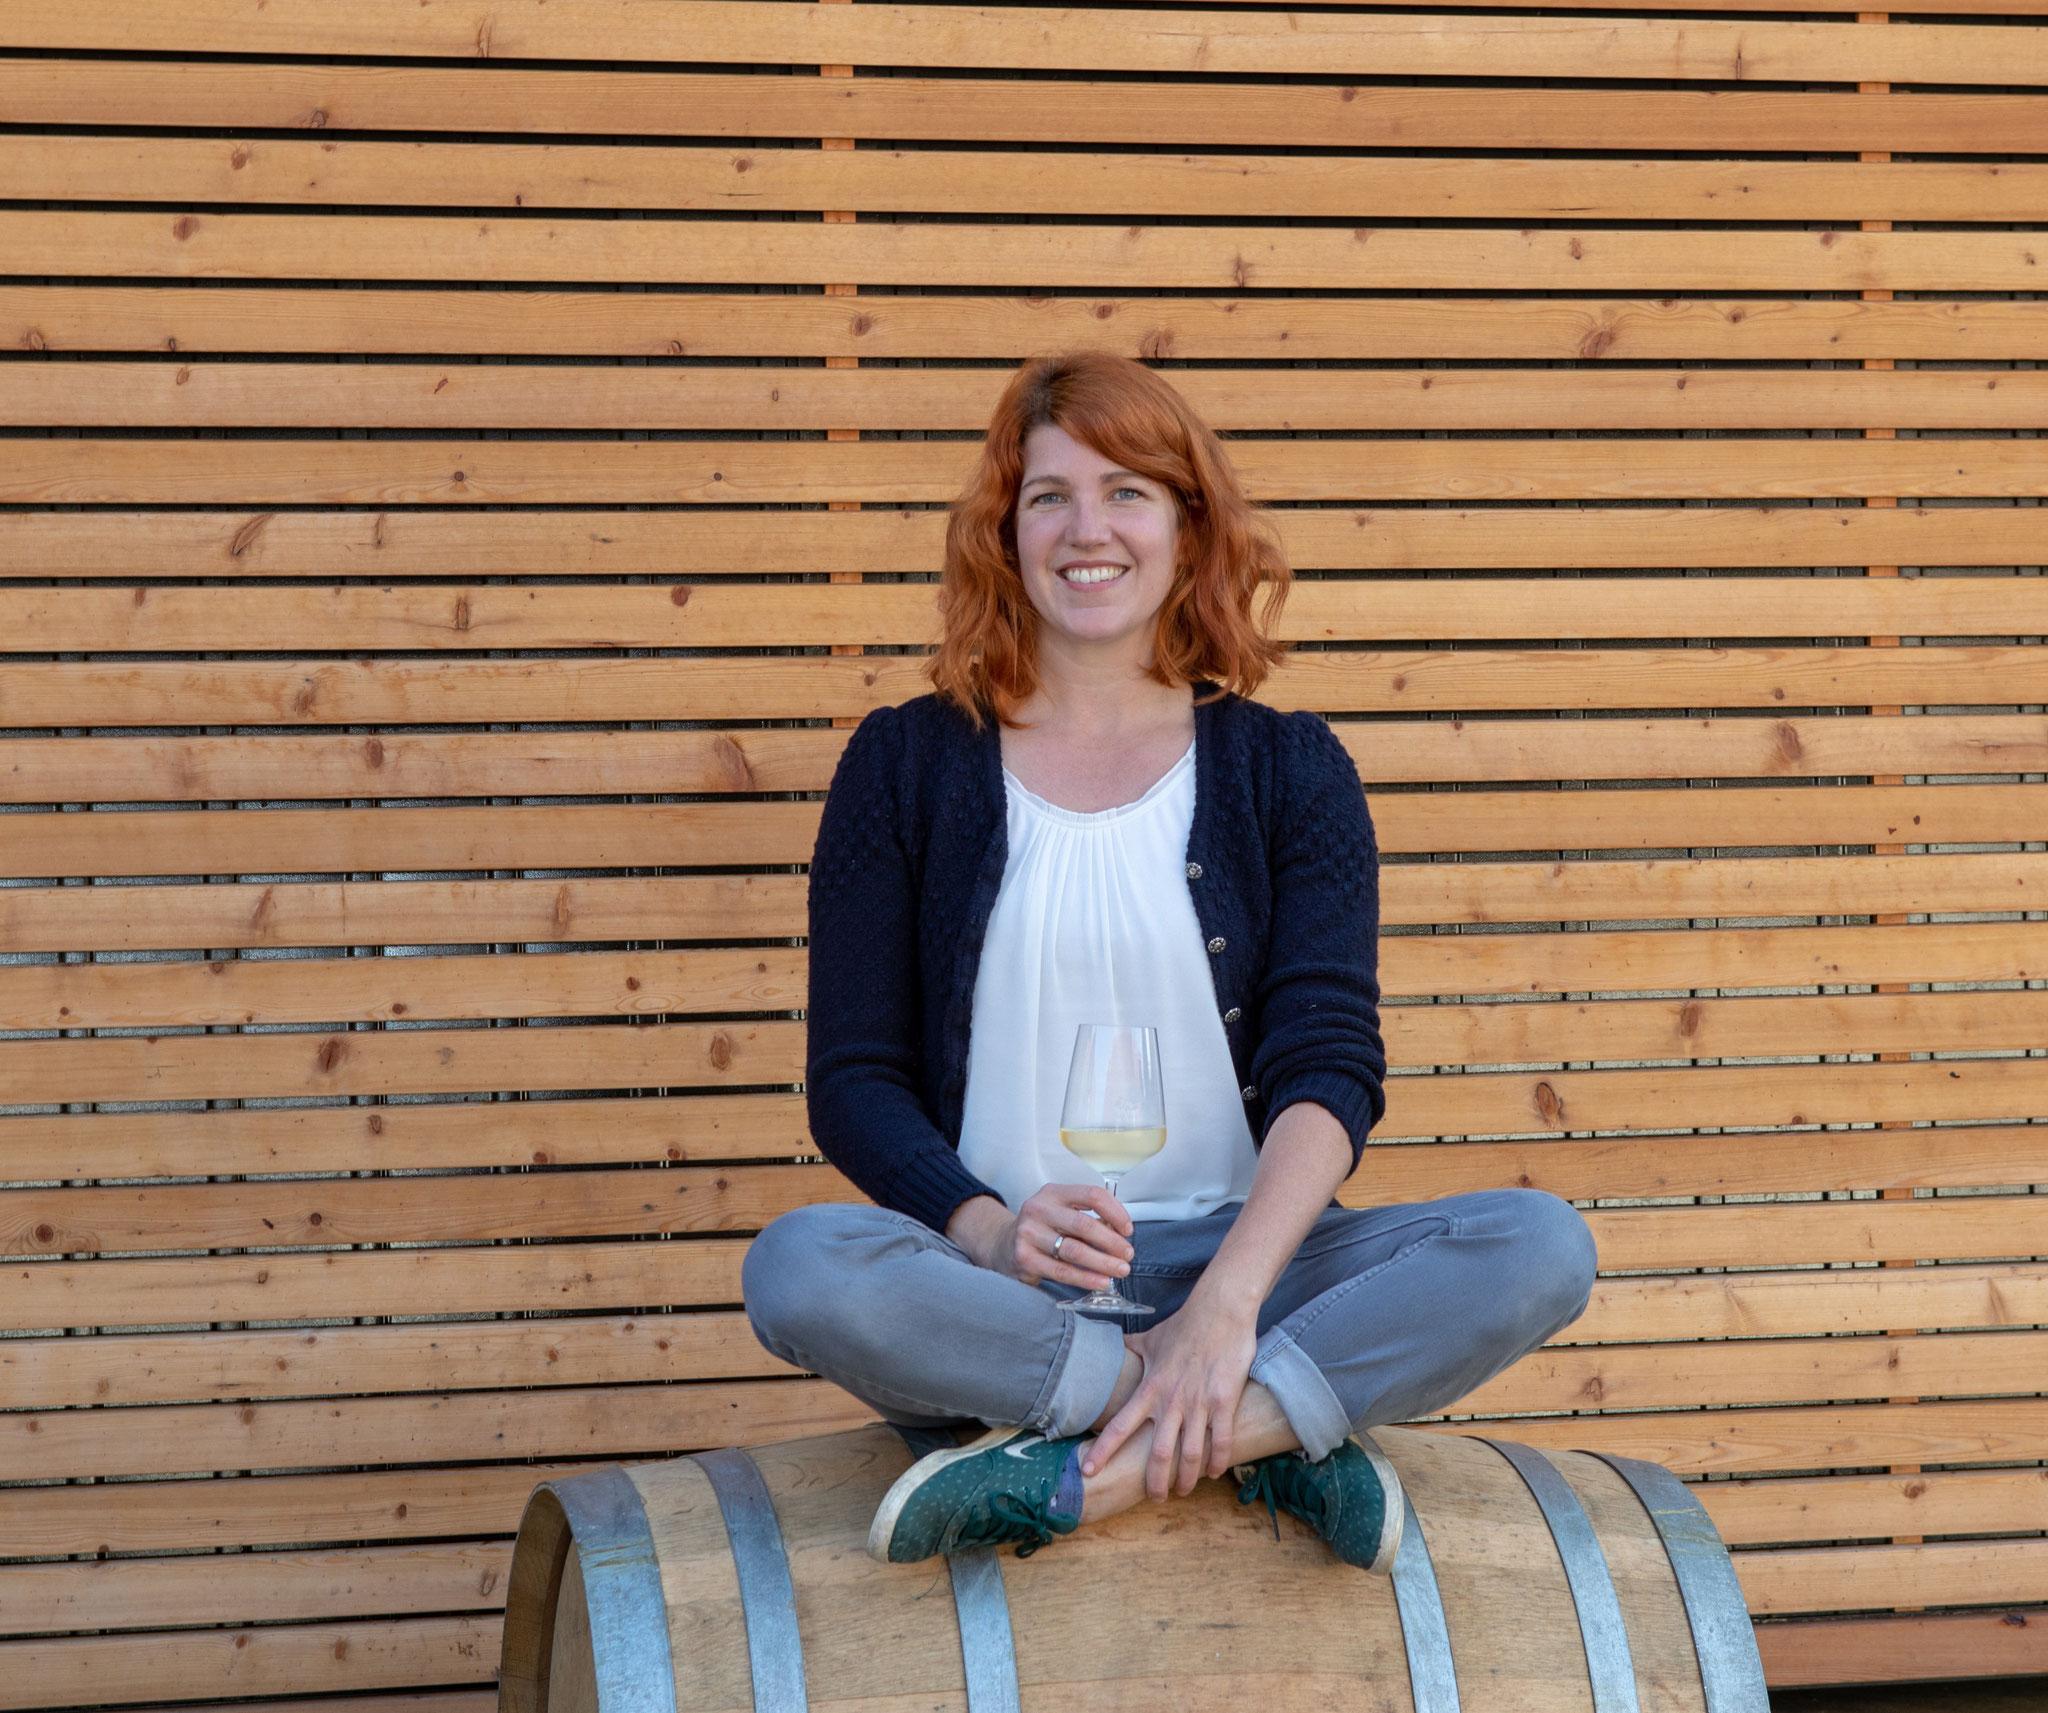 Sigrid Sorger - Betriebsführerin und Ansprechperson in Weingarten, Keller und Verkauf